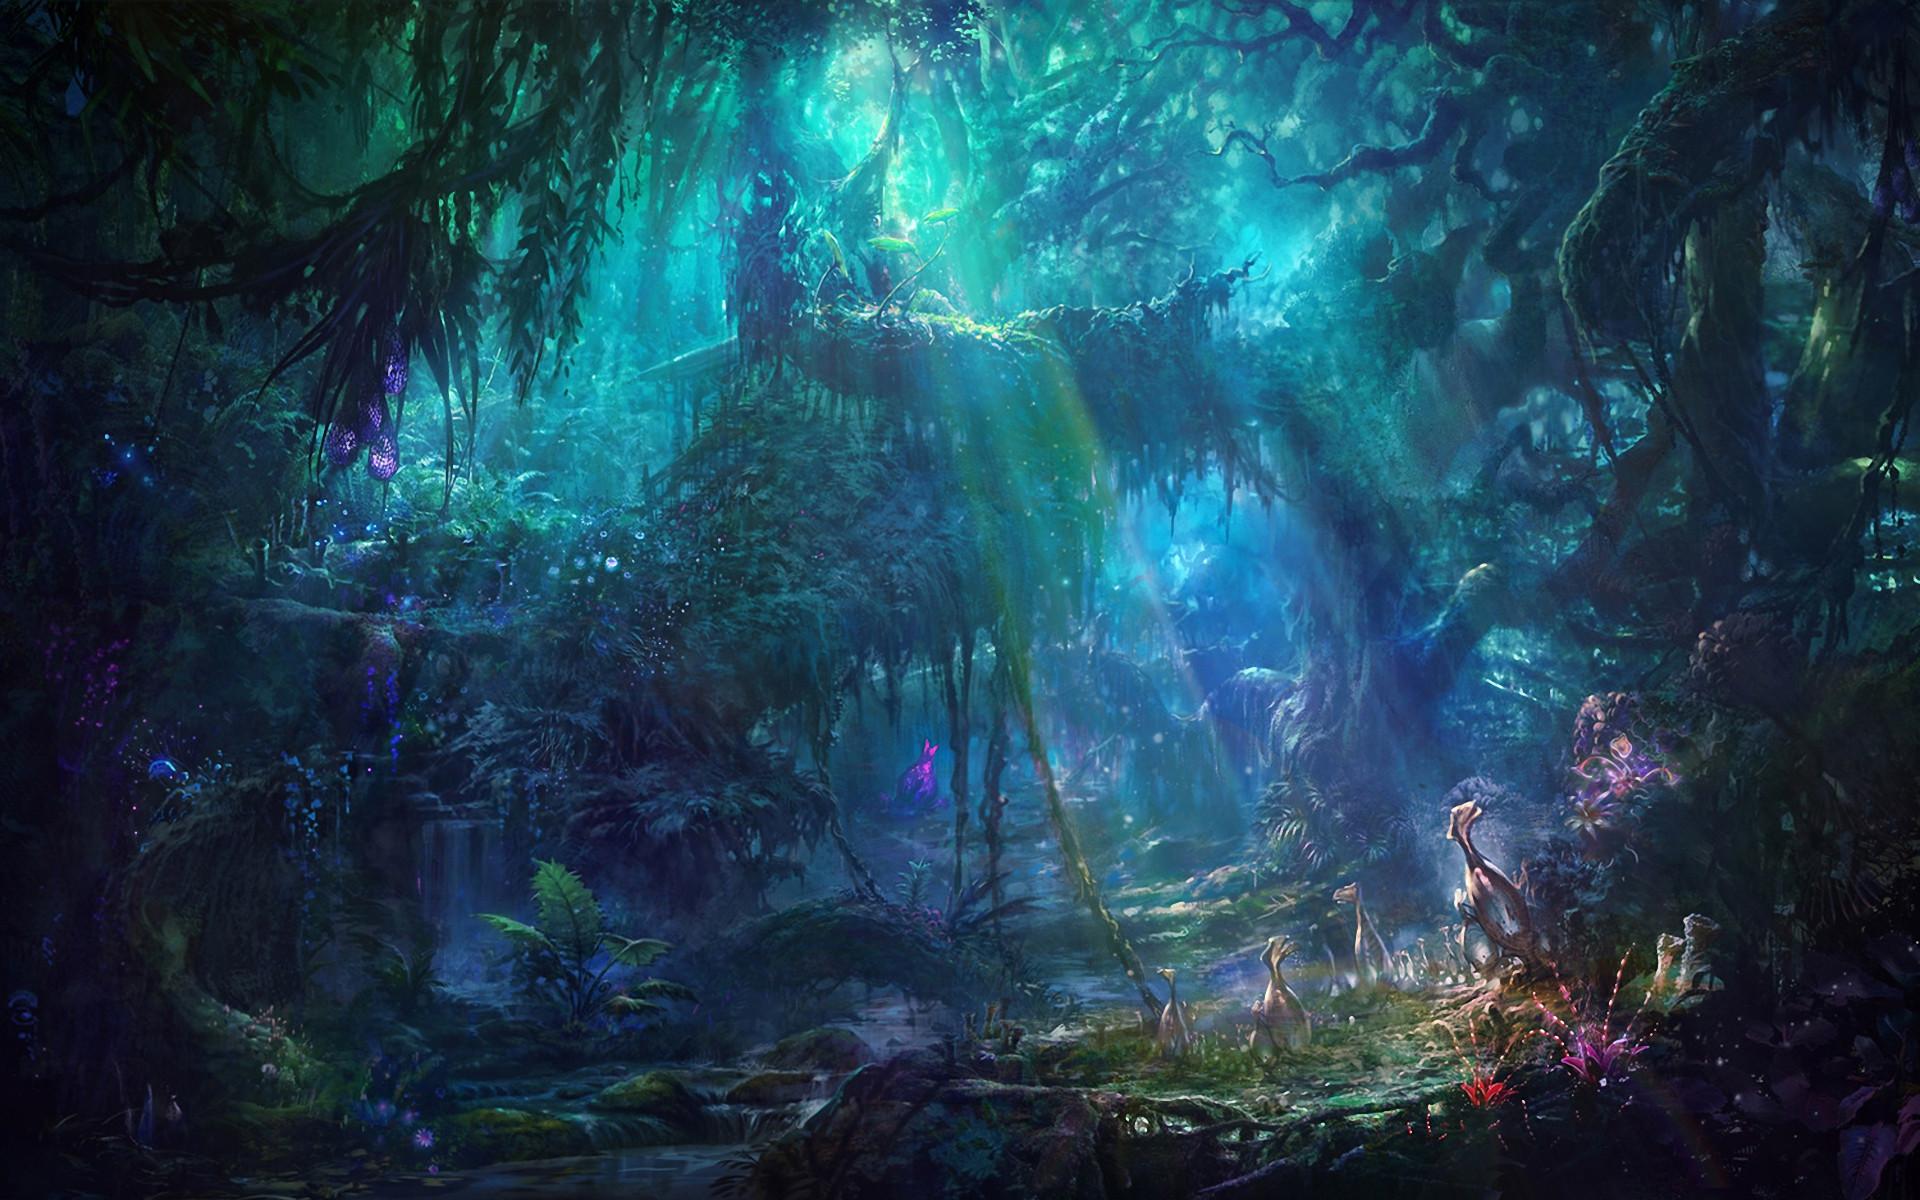 Download Wallpaper | Pinterest | Fantasy landscape, Art google and Fantasy  art landscapes